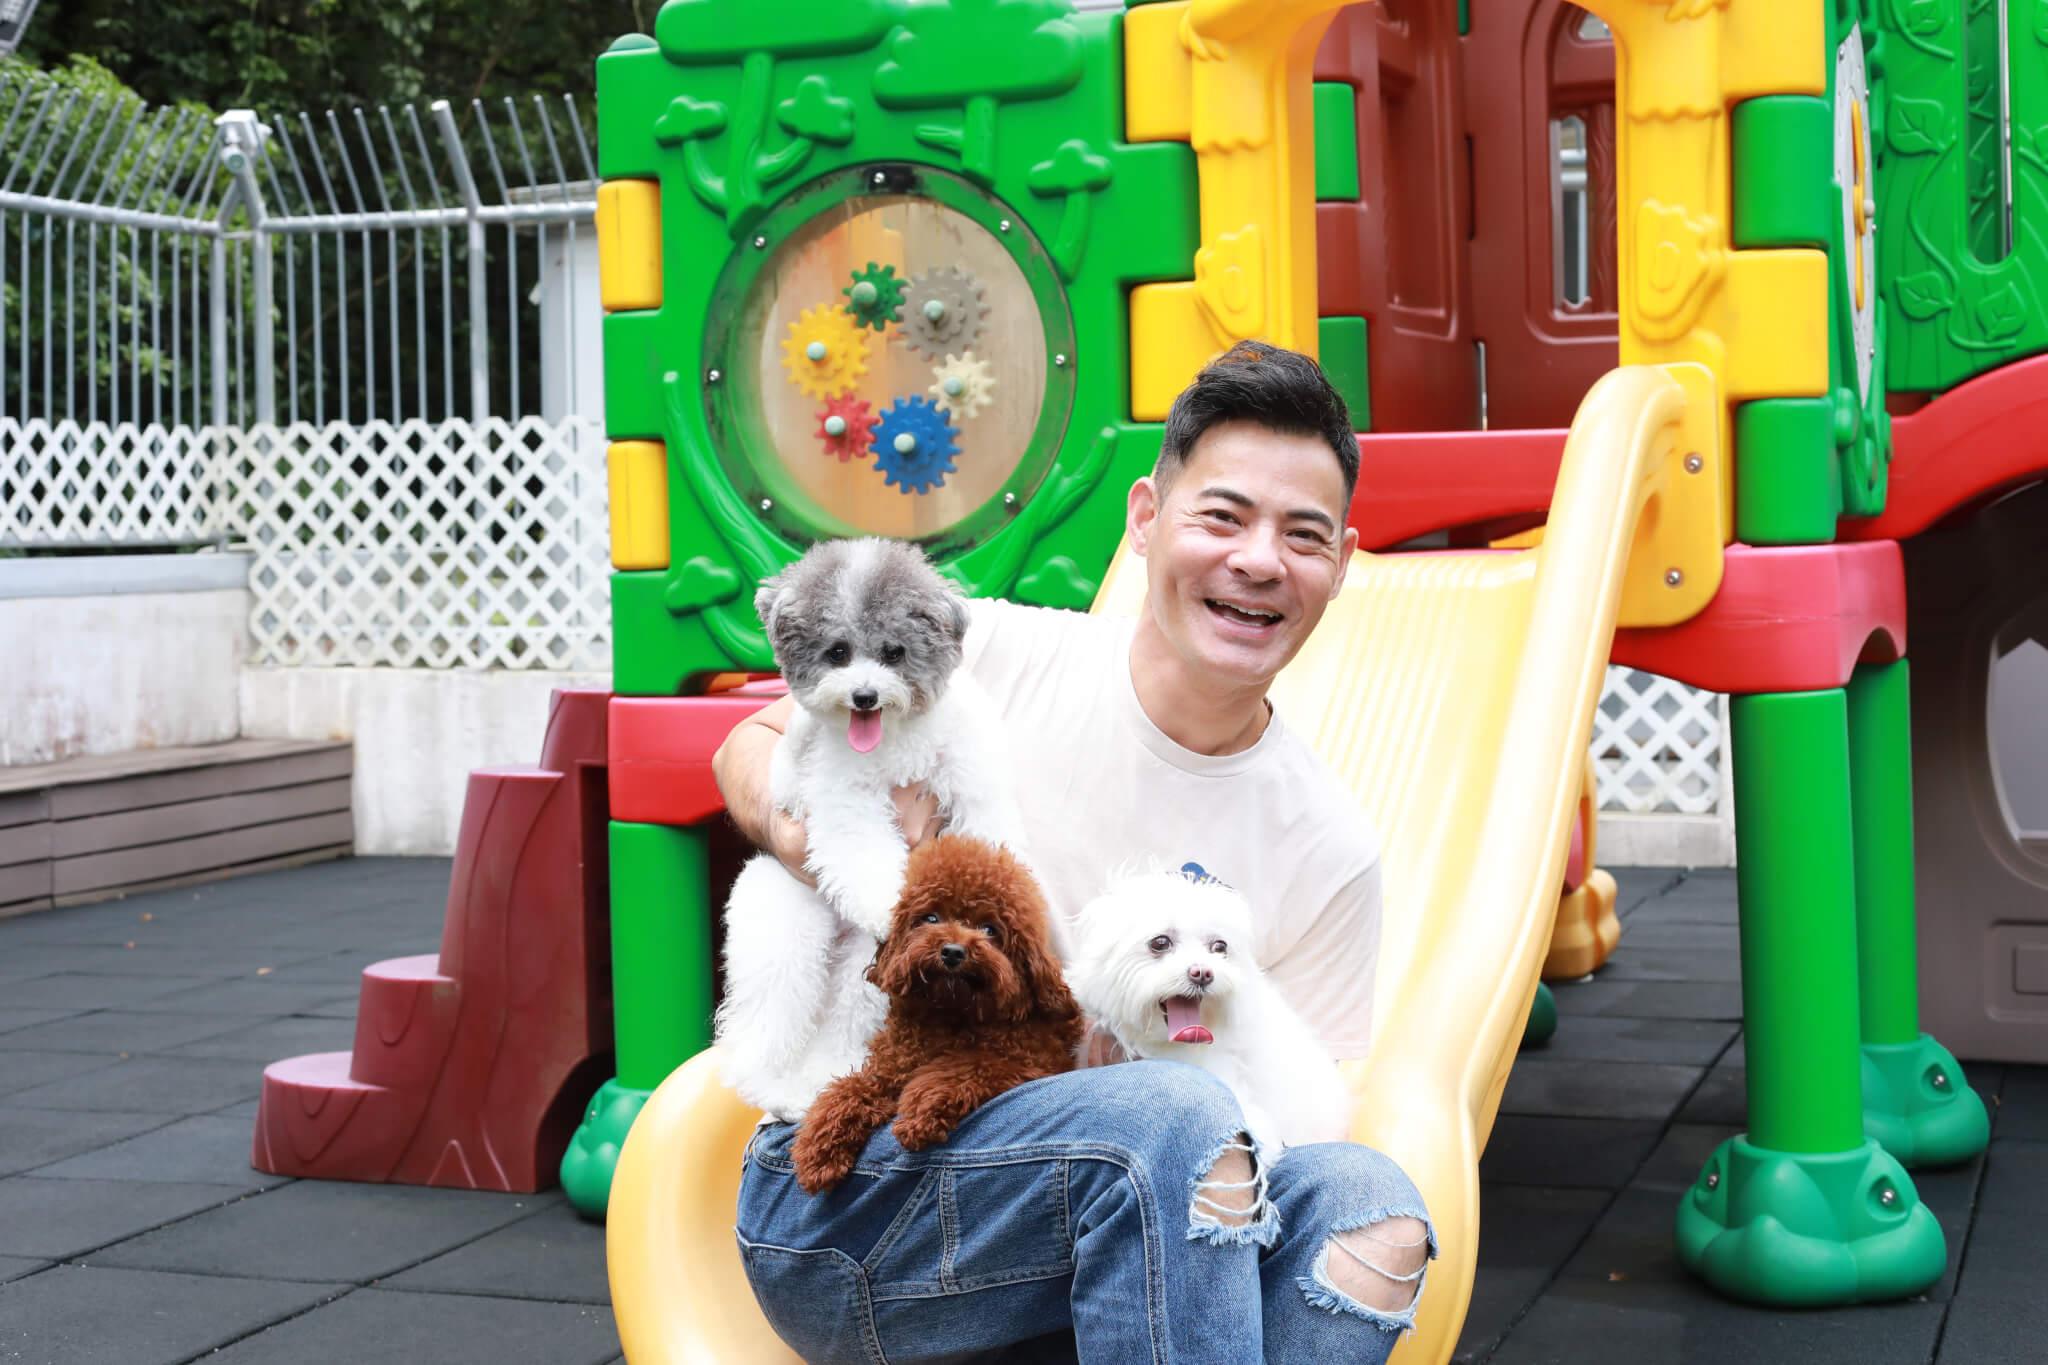 黃智賢表示作為主人,完全主宰愛犬的衣食住行,所以要盡心照顧。